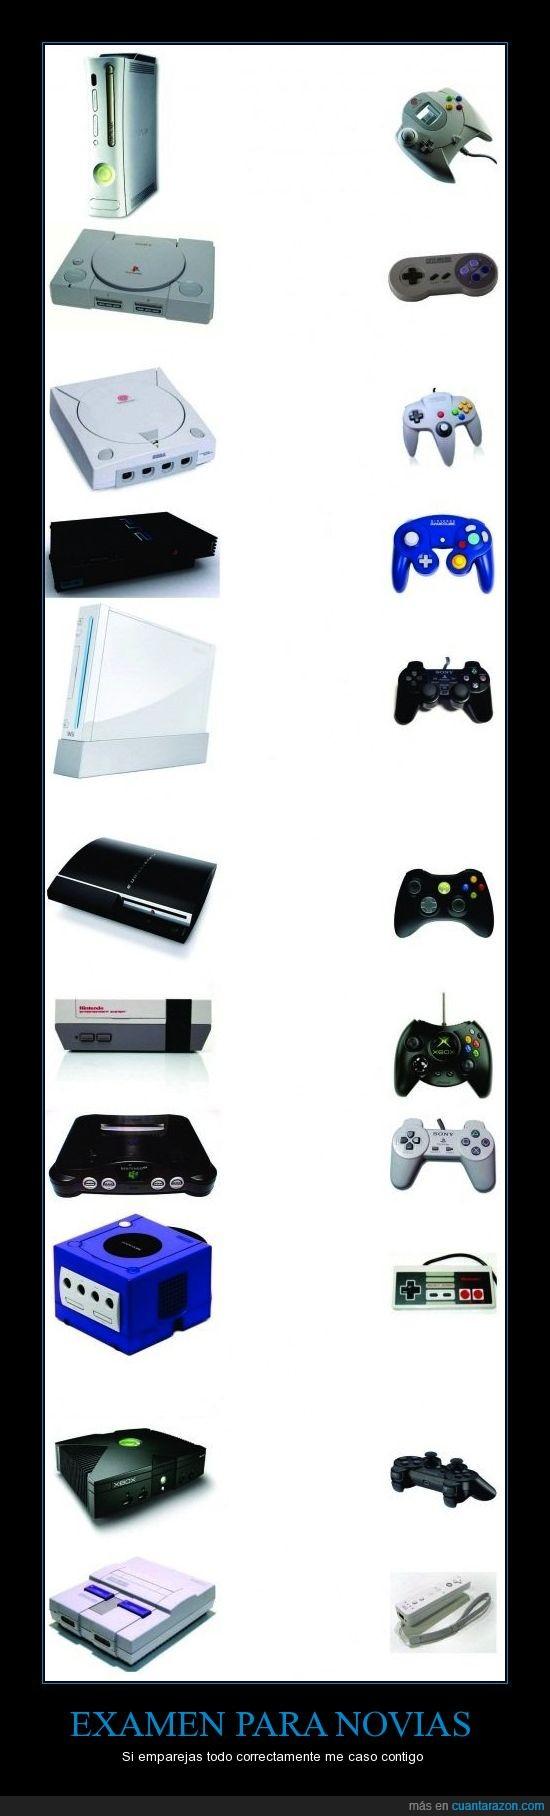 consolas,mandos,nintendo,novias,play,test,xbox